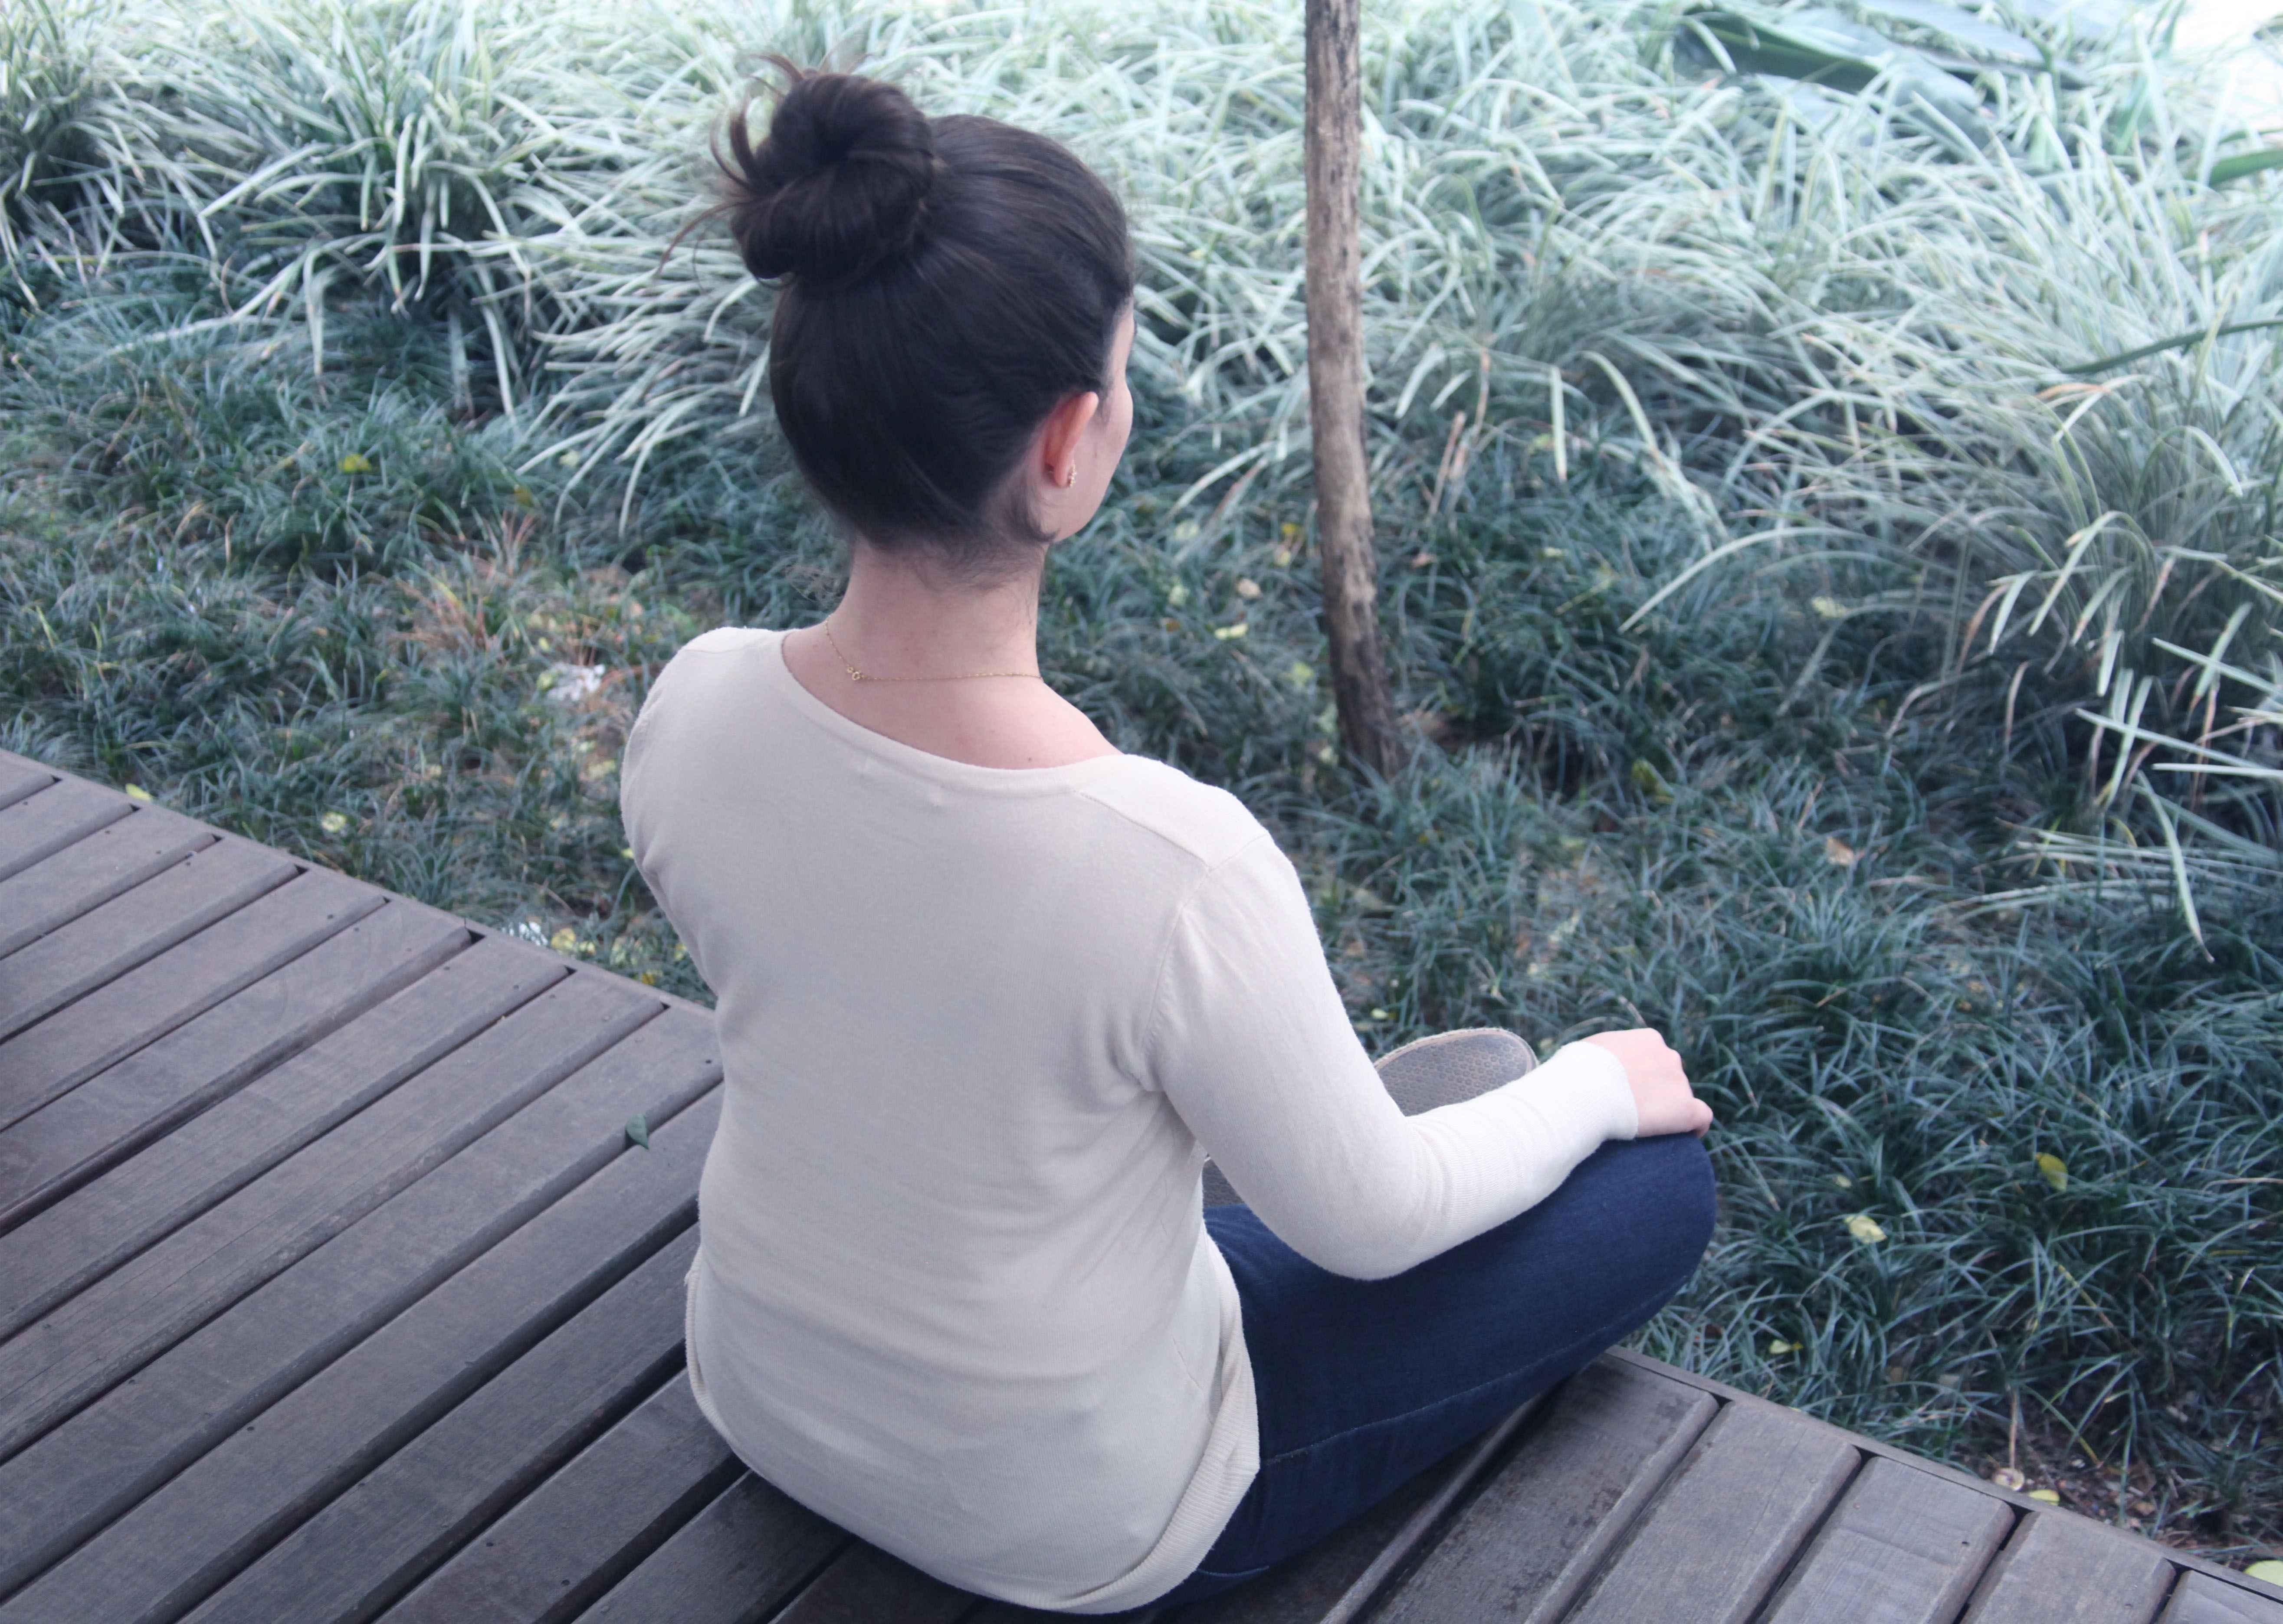 Oficina de práticas de saúde e bem estar -  medicina tradicional chinesa, antroposofia e meditação no campus Saúde